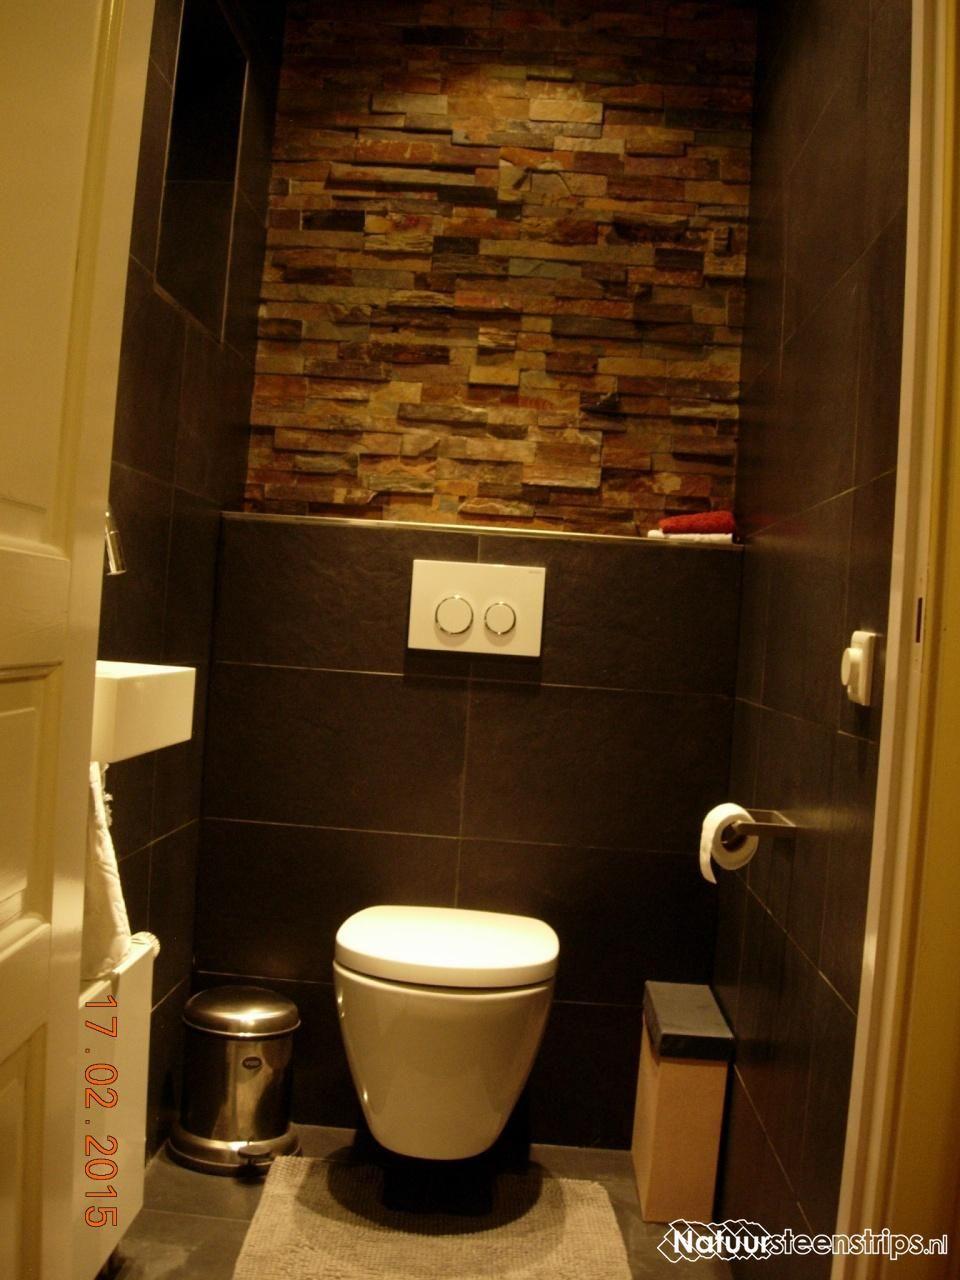 natuursteenstrips toilet - Google zoeken | badkamer | Pinterest | Toilet